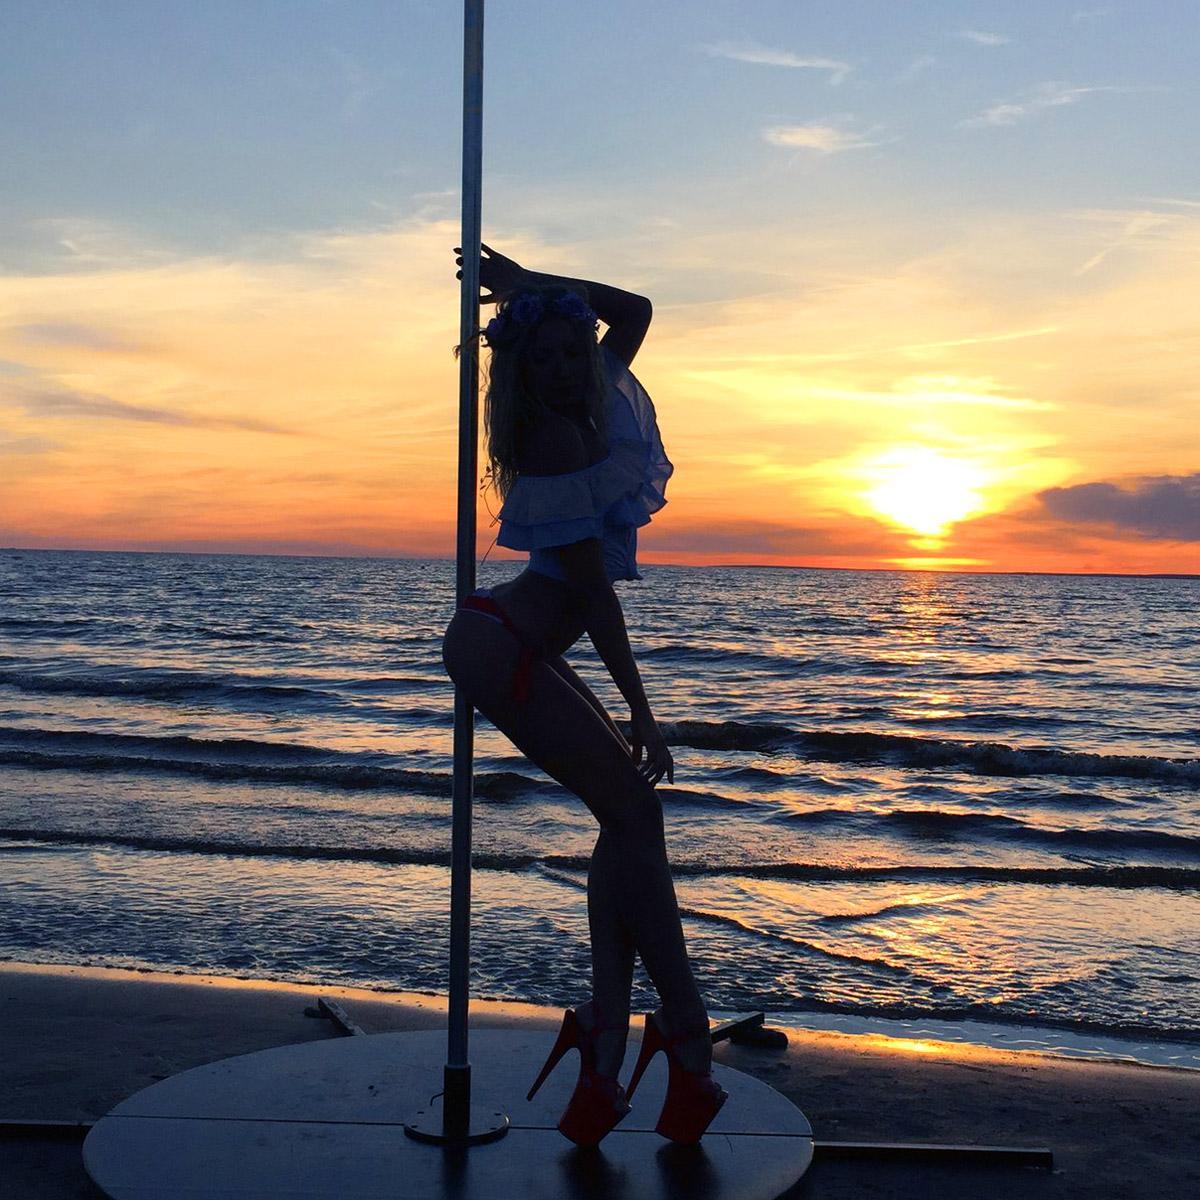 Вакансии для танцовщиц: Карибы, Кейптаун, Макао, Мексика, США